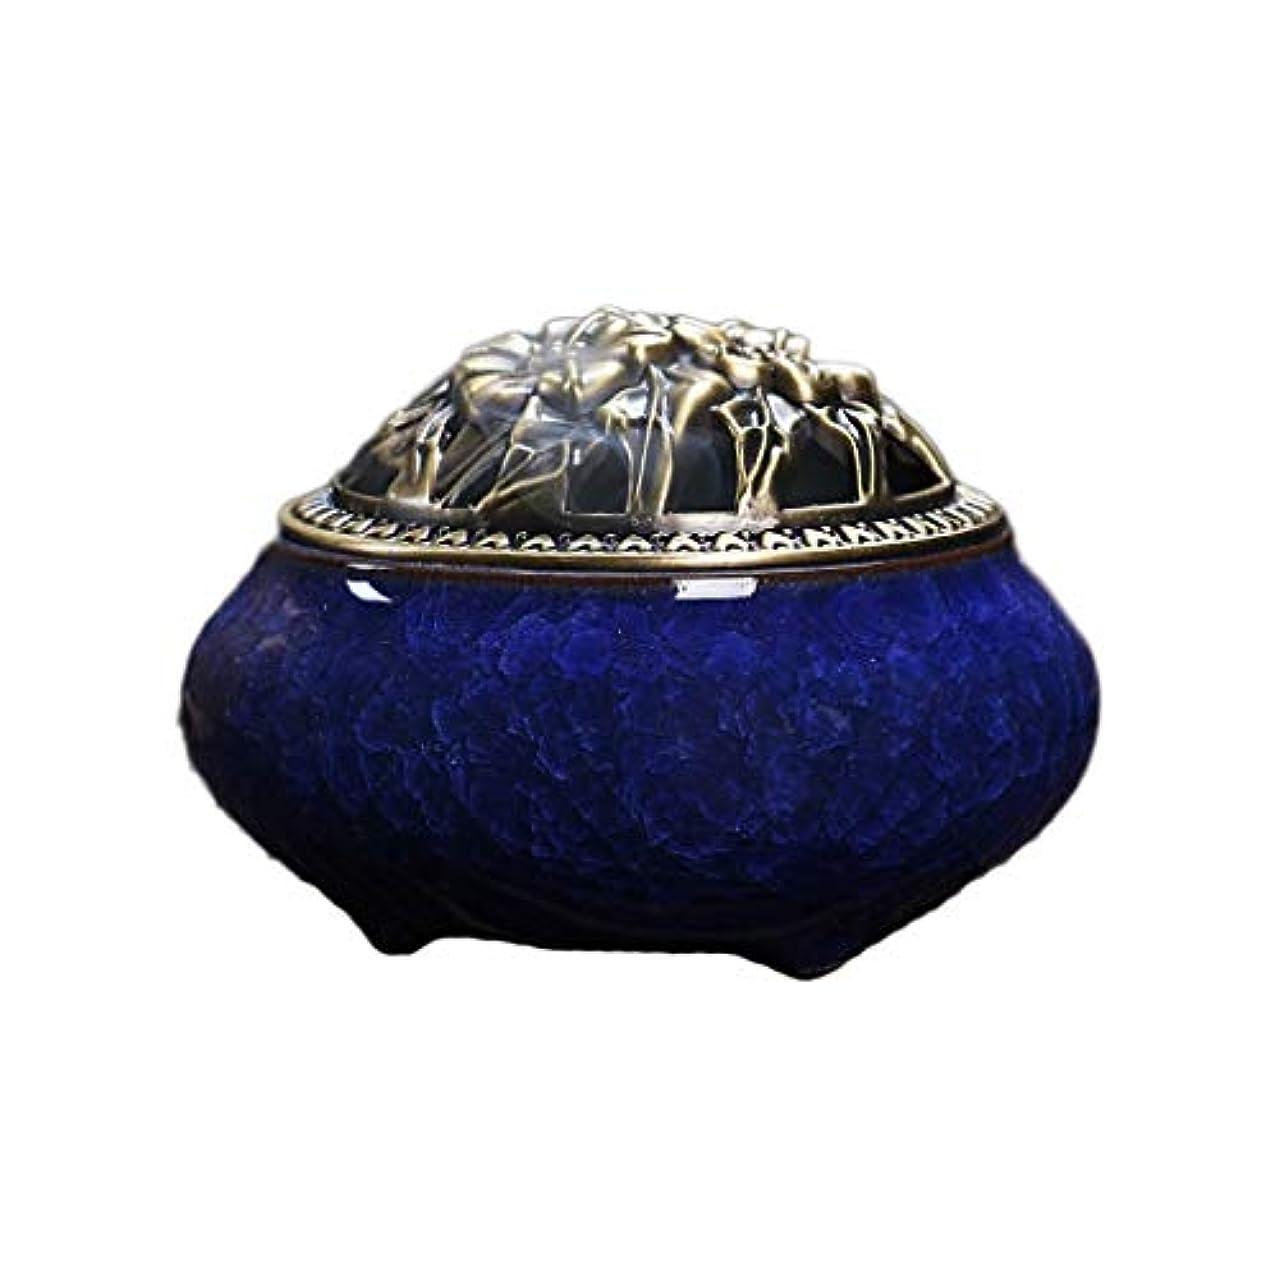 束用量手数料磁器セラミック香炉灰キャッチャー香スティック/コーン/コイルバーナーホルダーホームルーム仏教の装飾香ホルダー (Color : Blue)